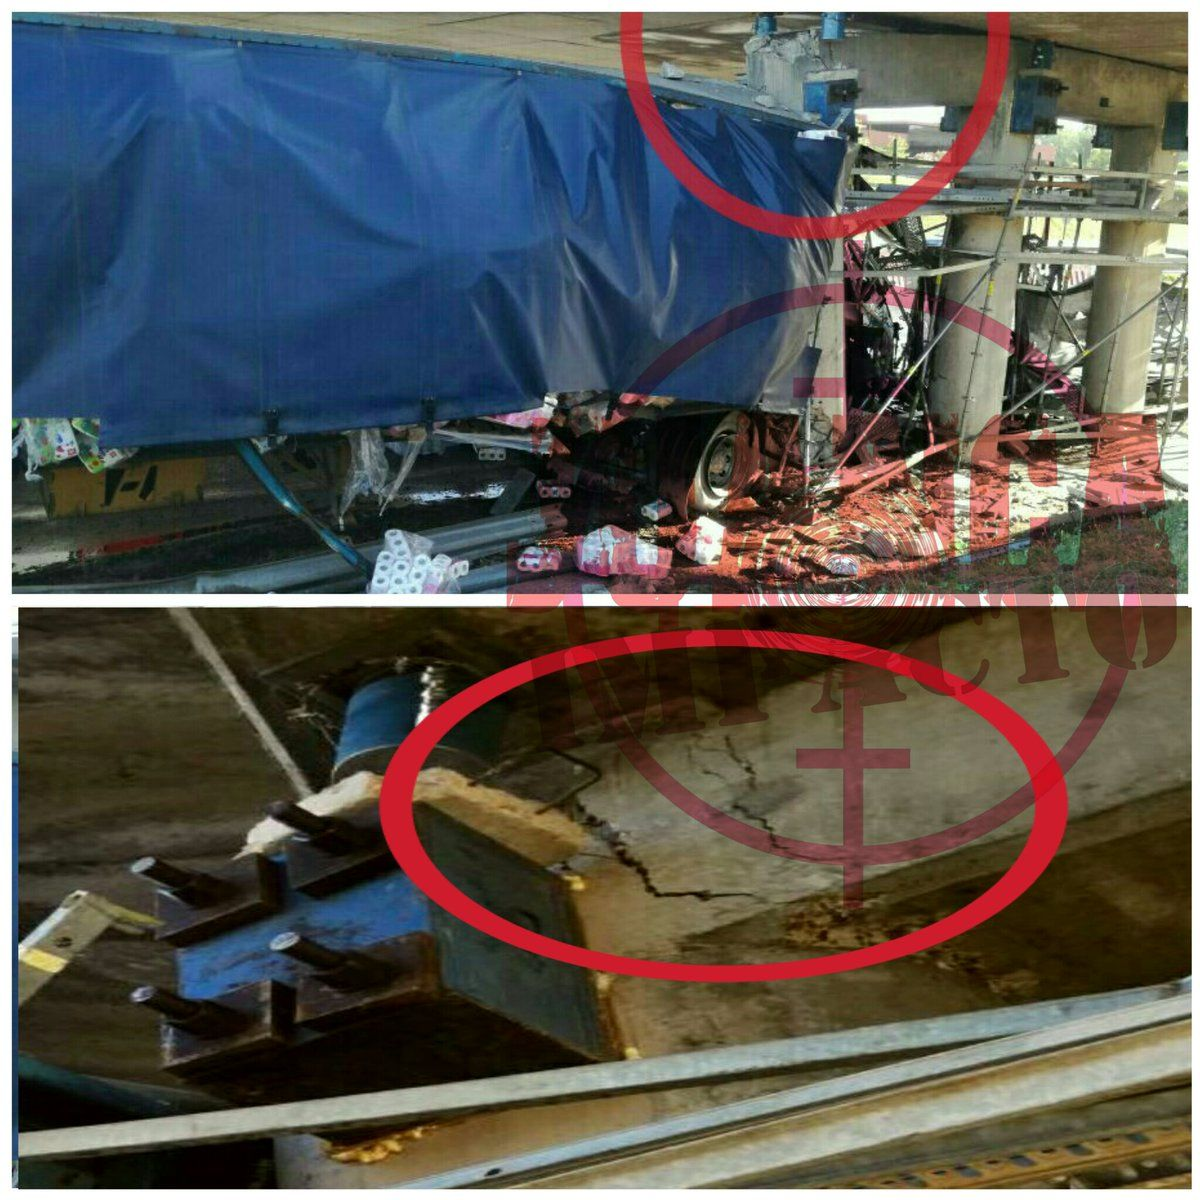 Así quedó el puente donde chocó el camión (@juancaimpacto)